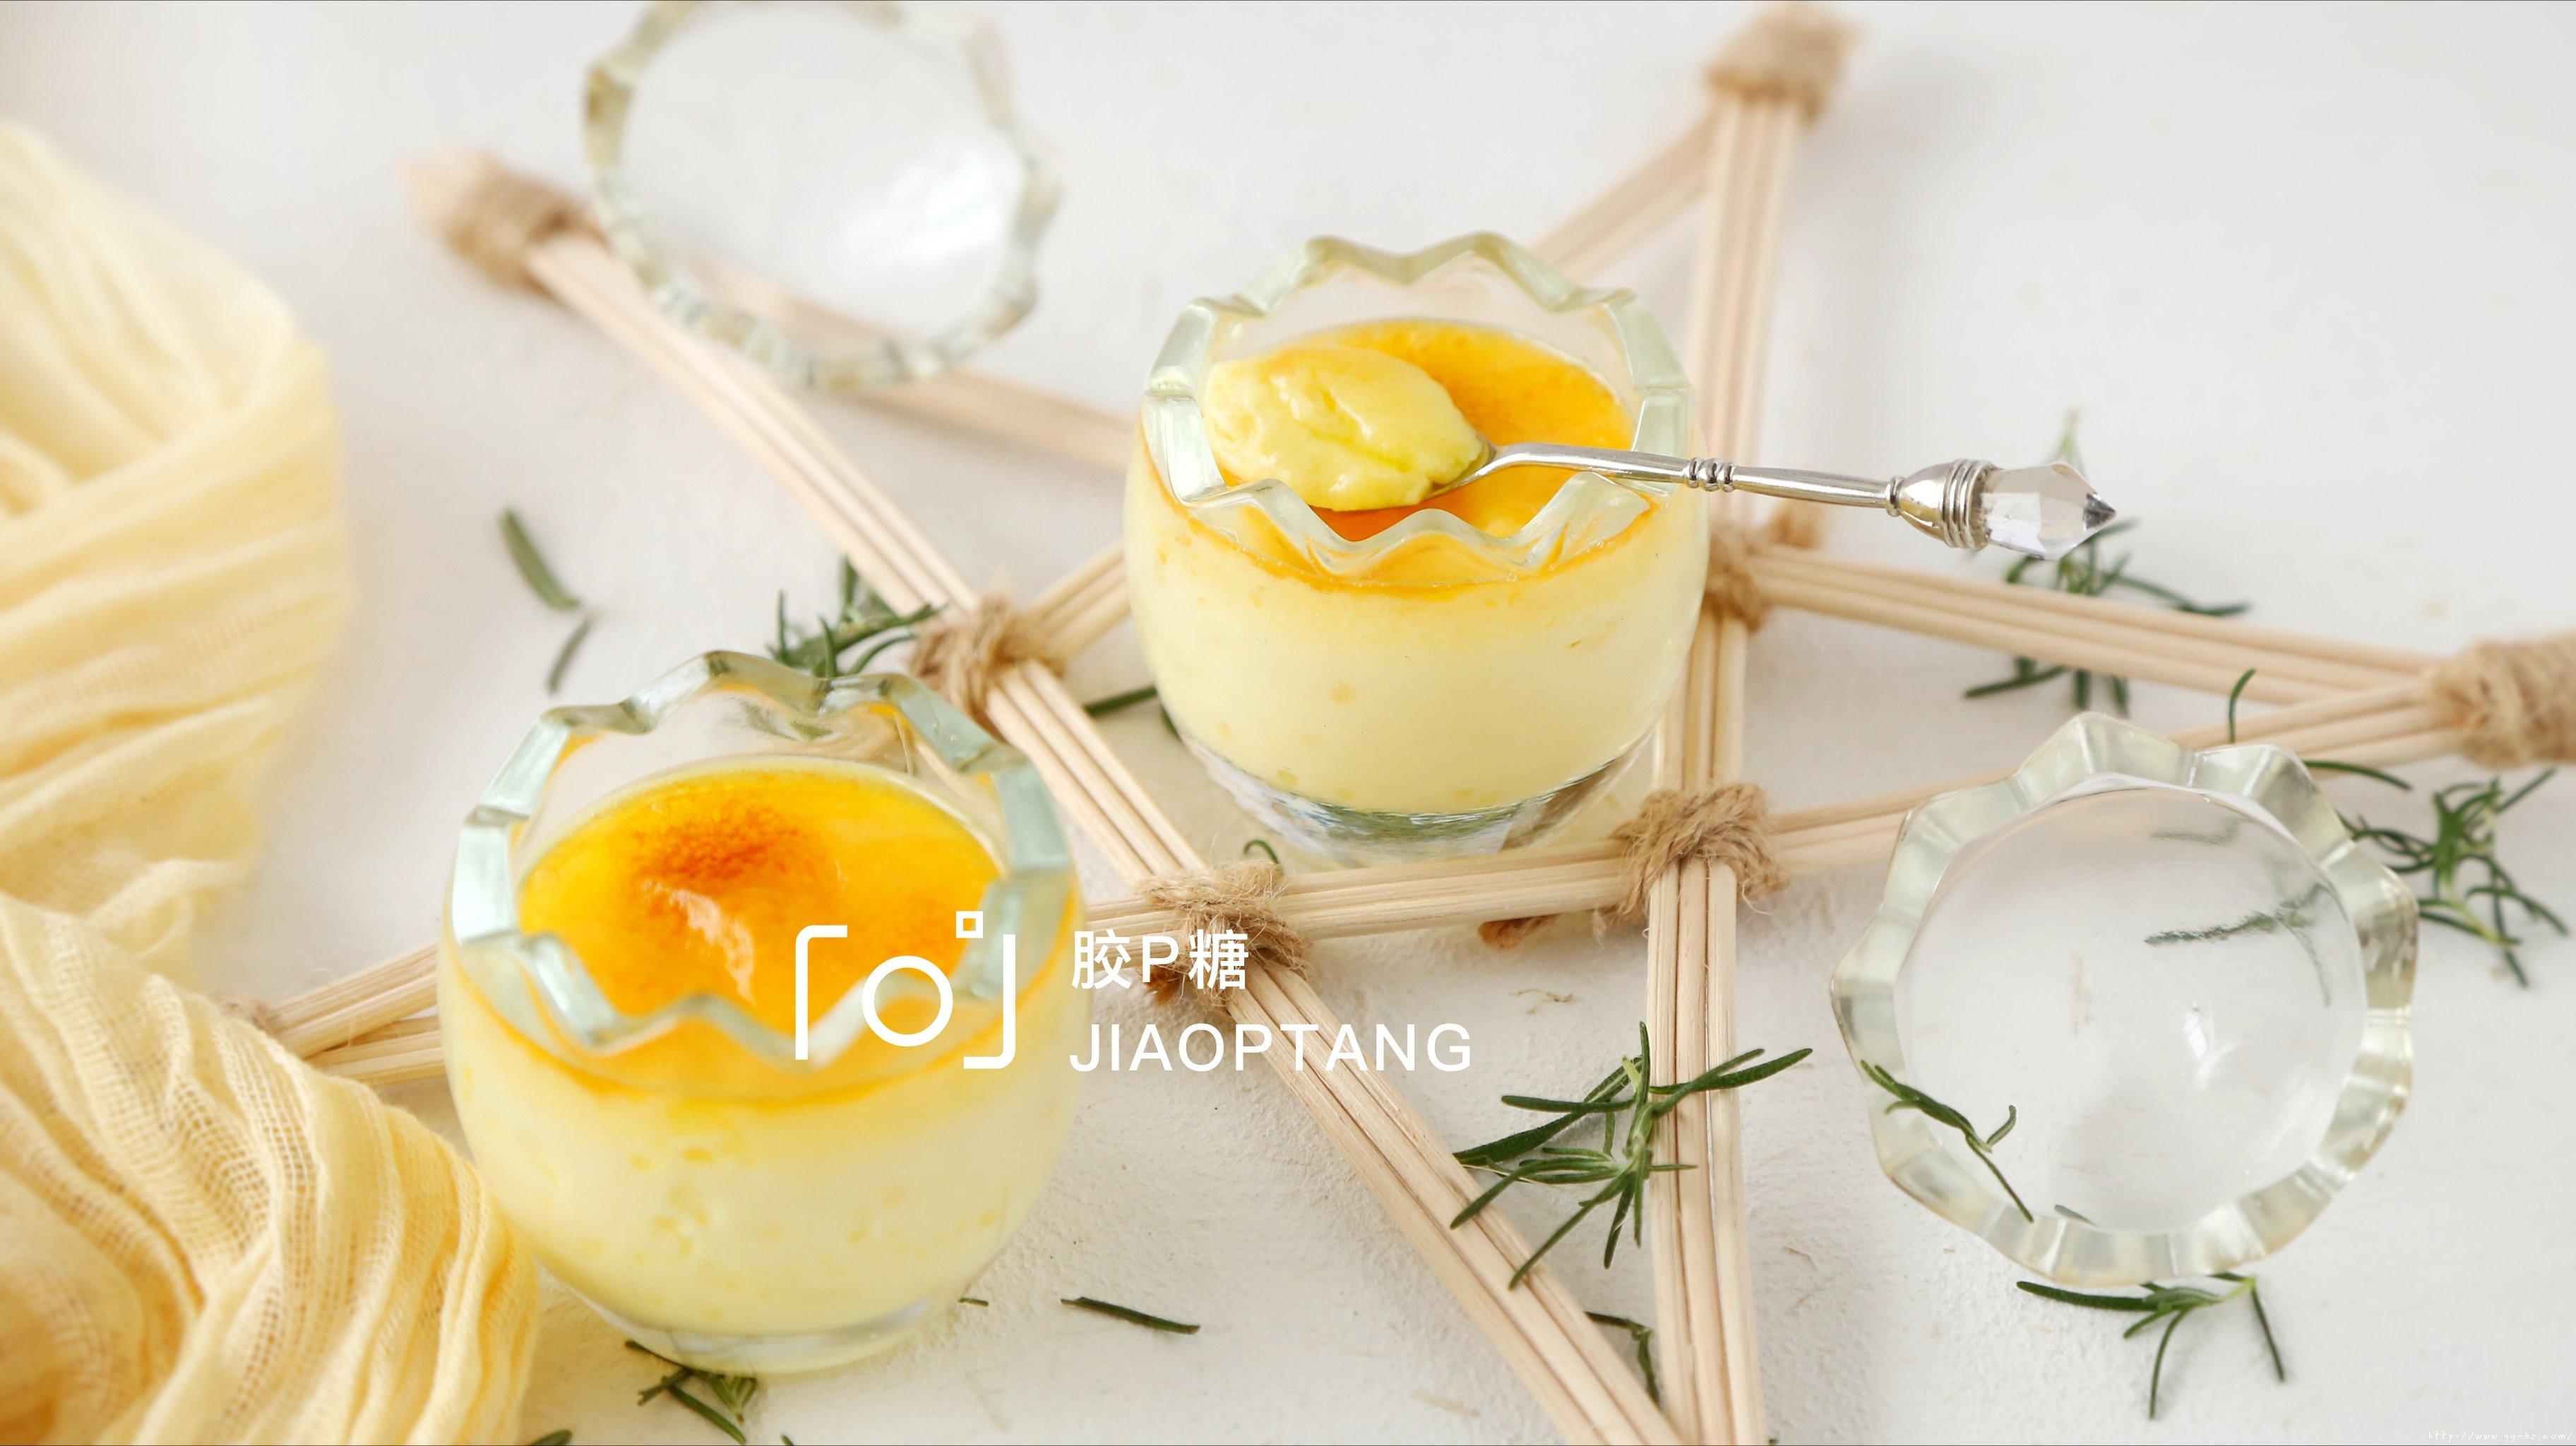 奶油布丁(冻伤淡奶油的补救办法)的做法 步骤12